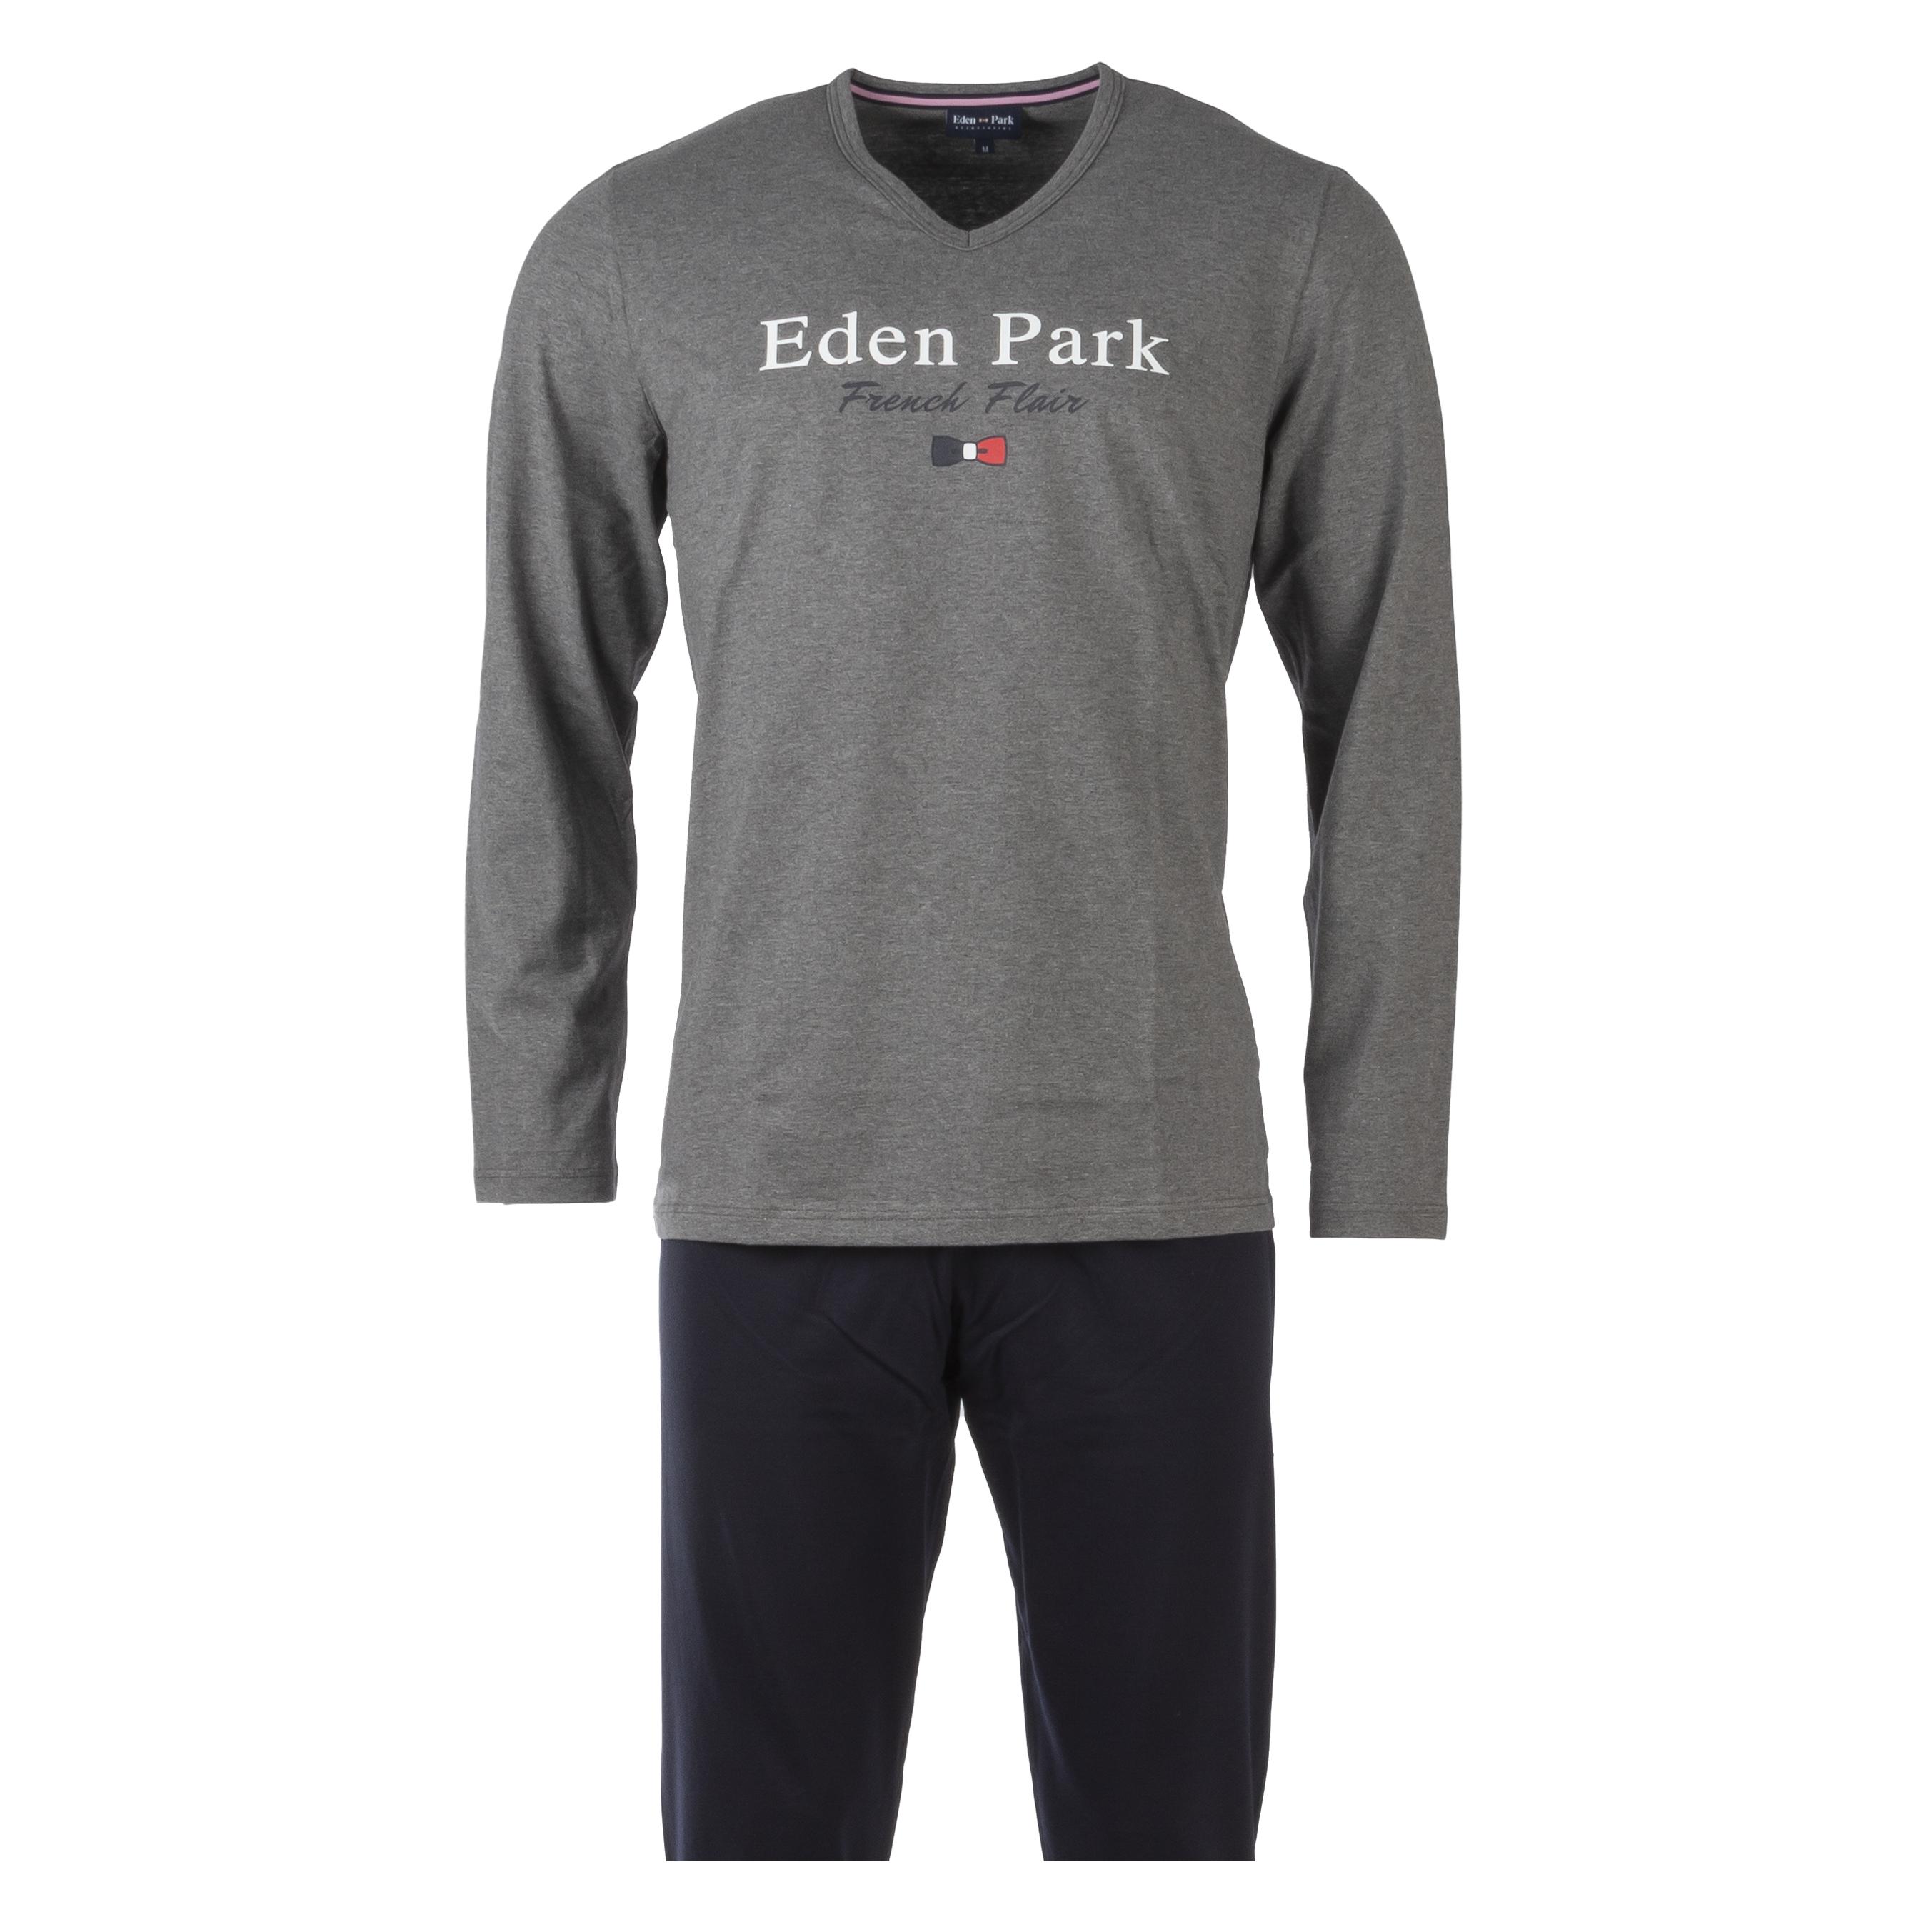 Pyjama long eden park en coton : tee-shirt manches longues col v gris chiné floqué et pantalon bleu marine